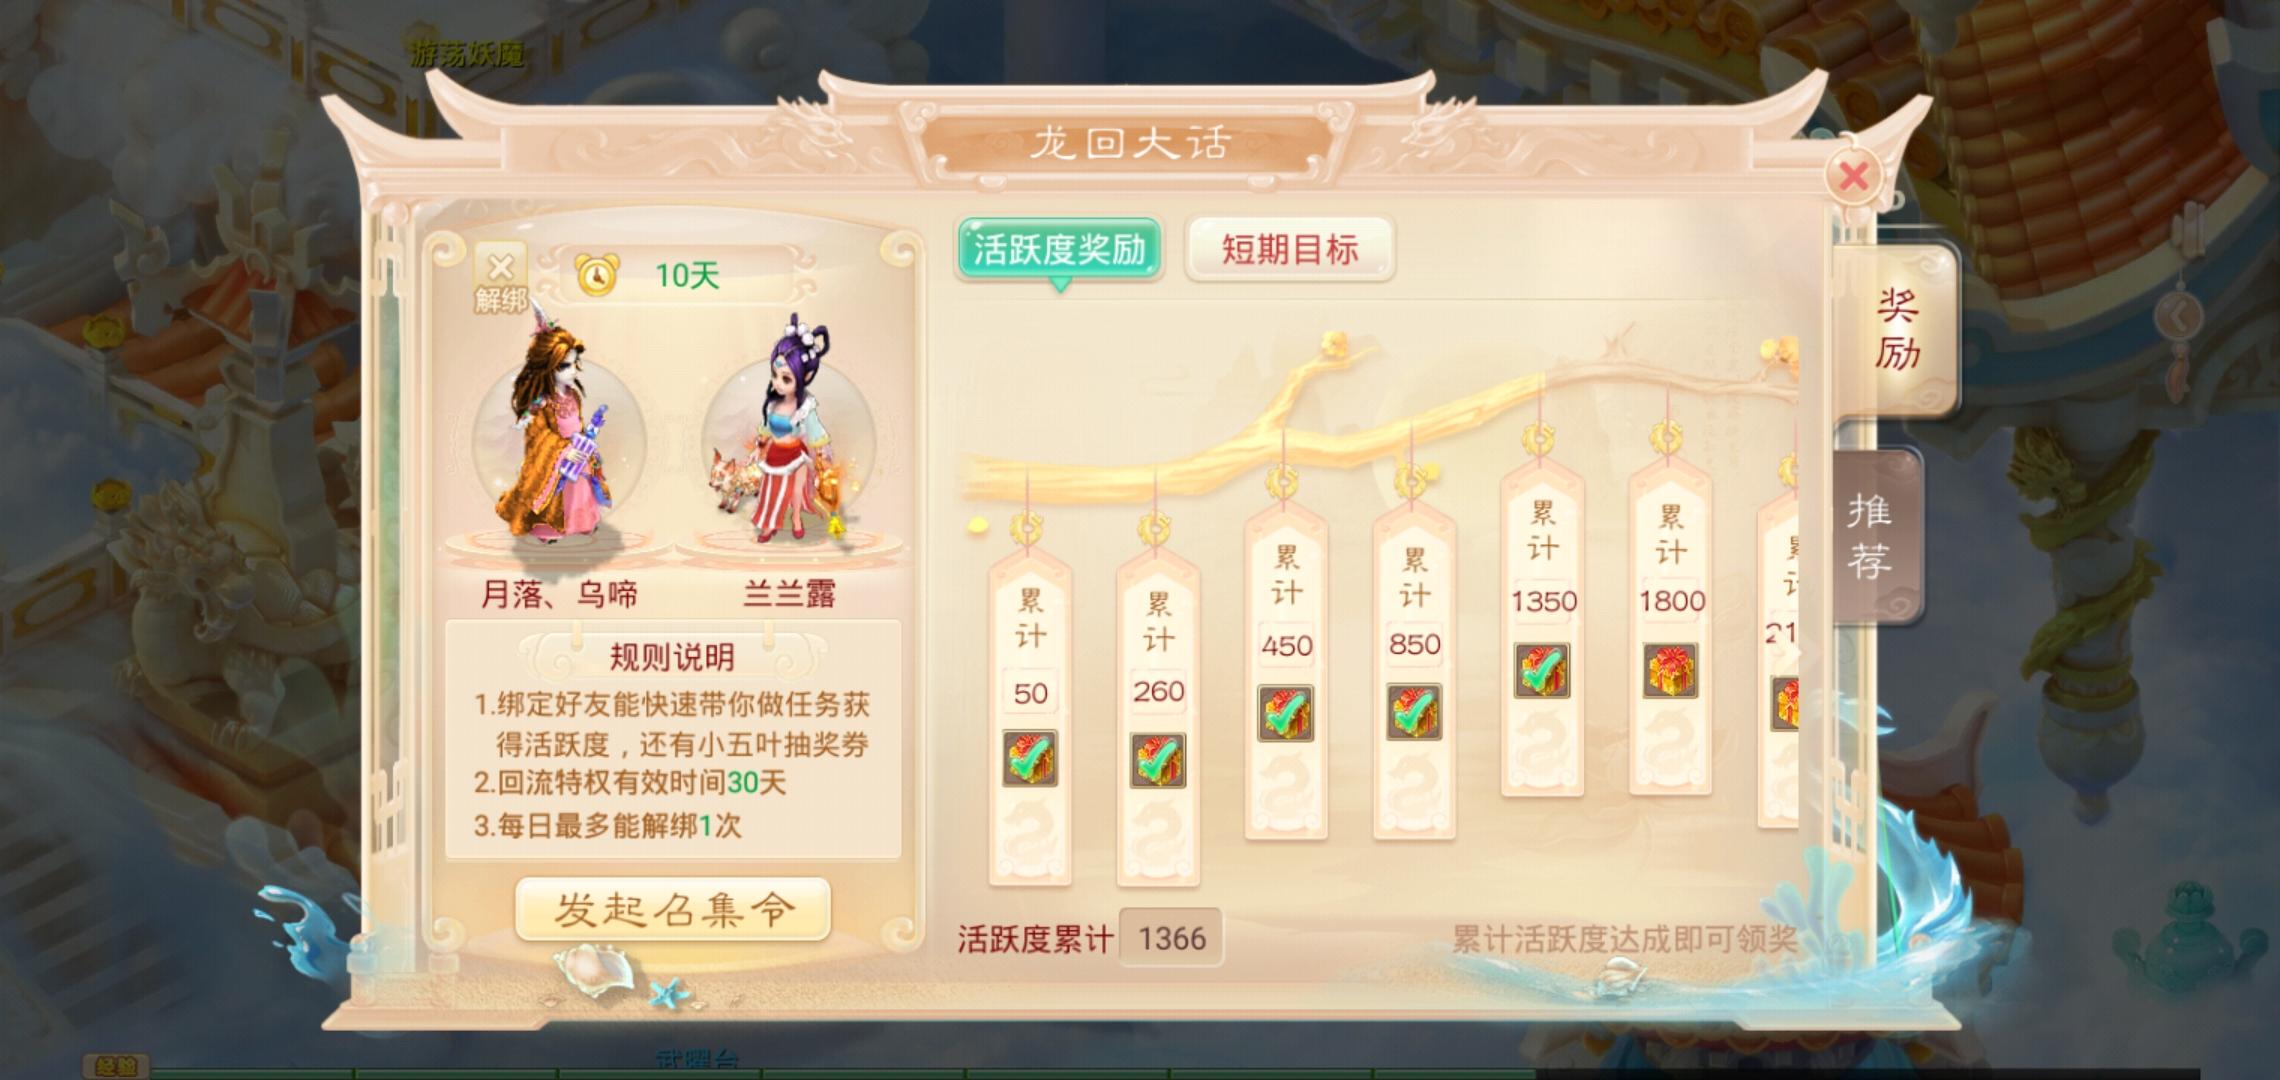 Screenshot_20191213_012918_com.netease.dhxy.huawei.jpg